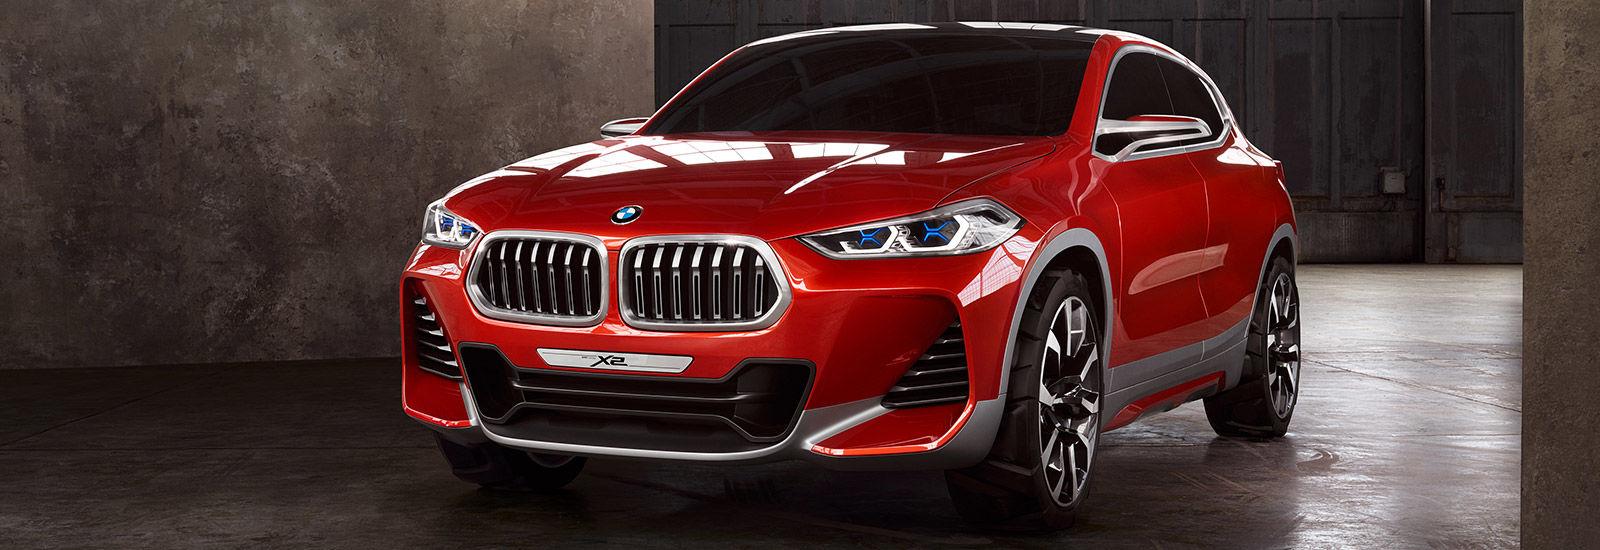 BMW X2 Dimensioni e Misure bagagliaio